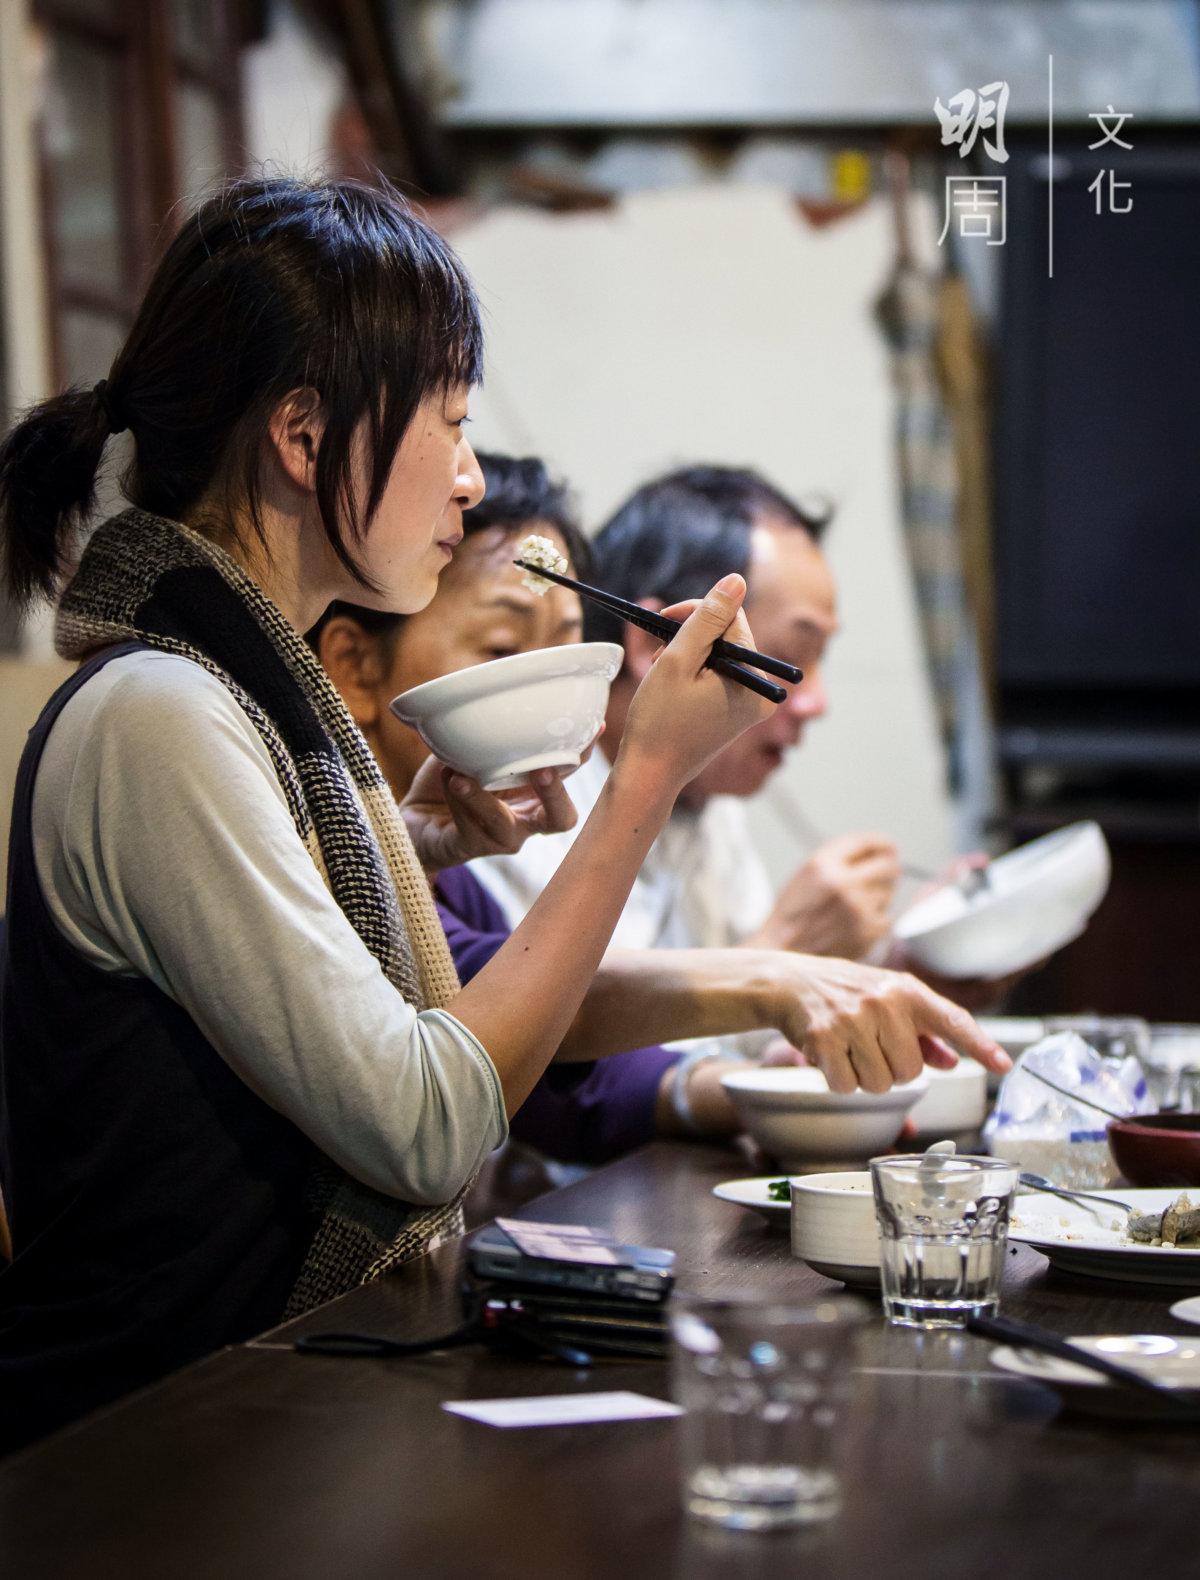 學者蔡晏霖亦是座上客,對這餐家宴讚不絕口。